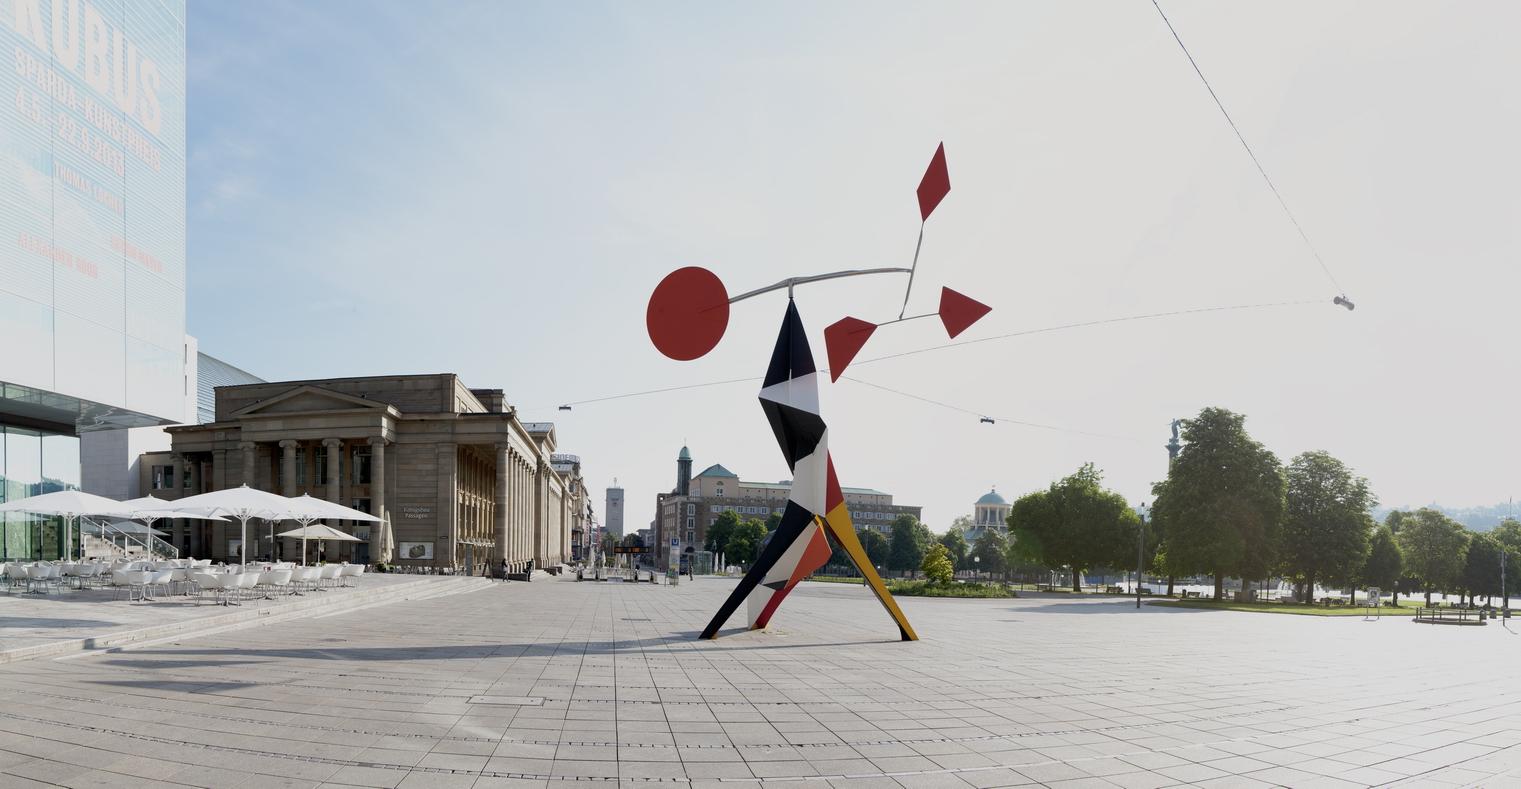 Grand Crinkly von A. Calder. Skulptur im Öffentlichen Raum unter freiem Himmel